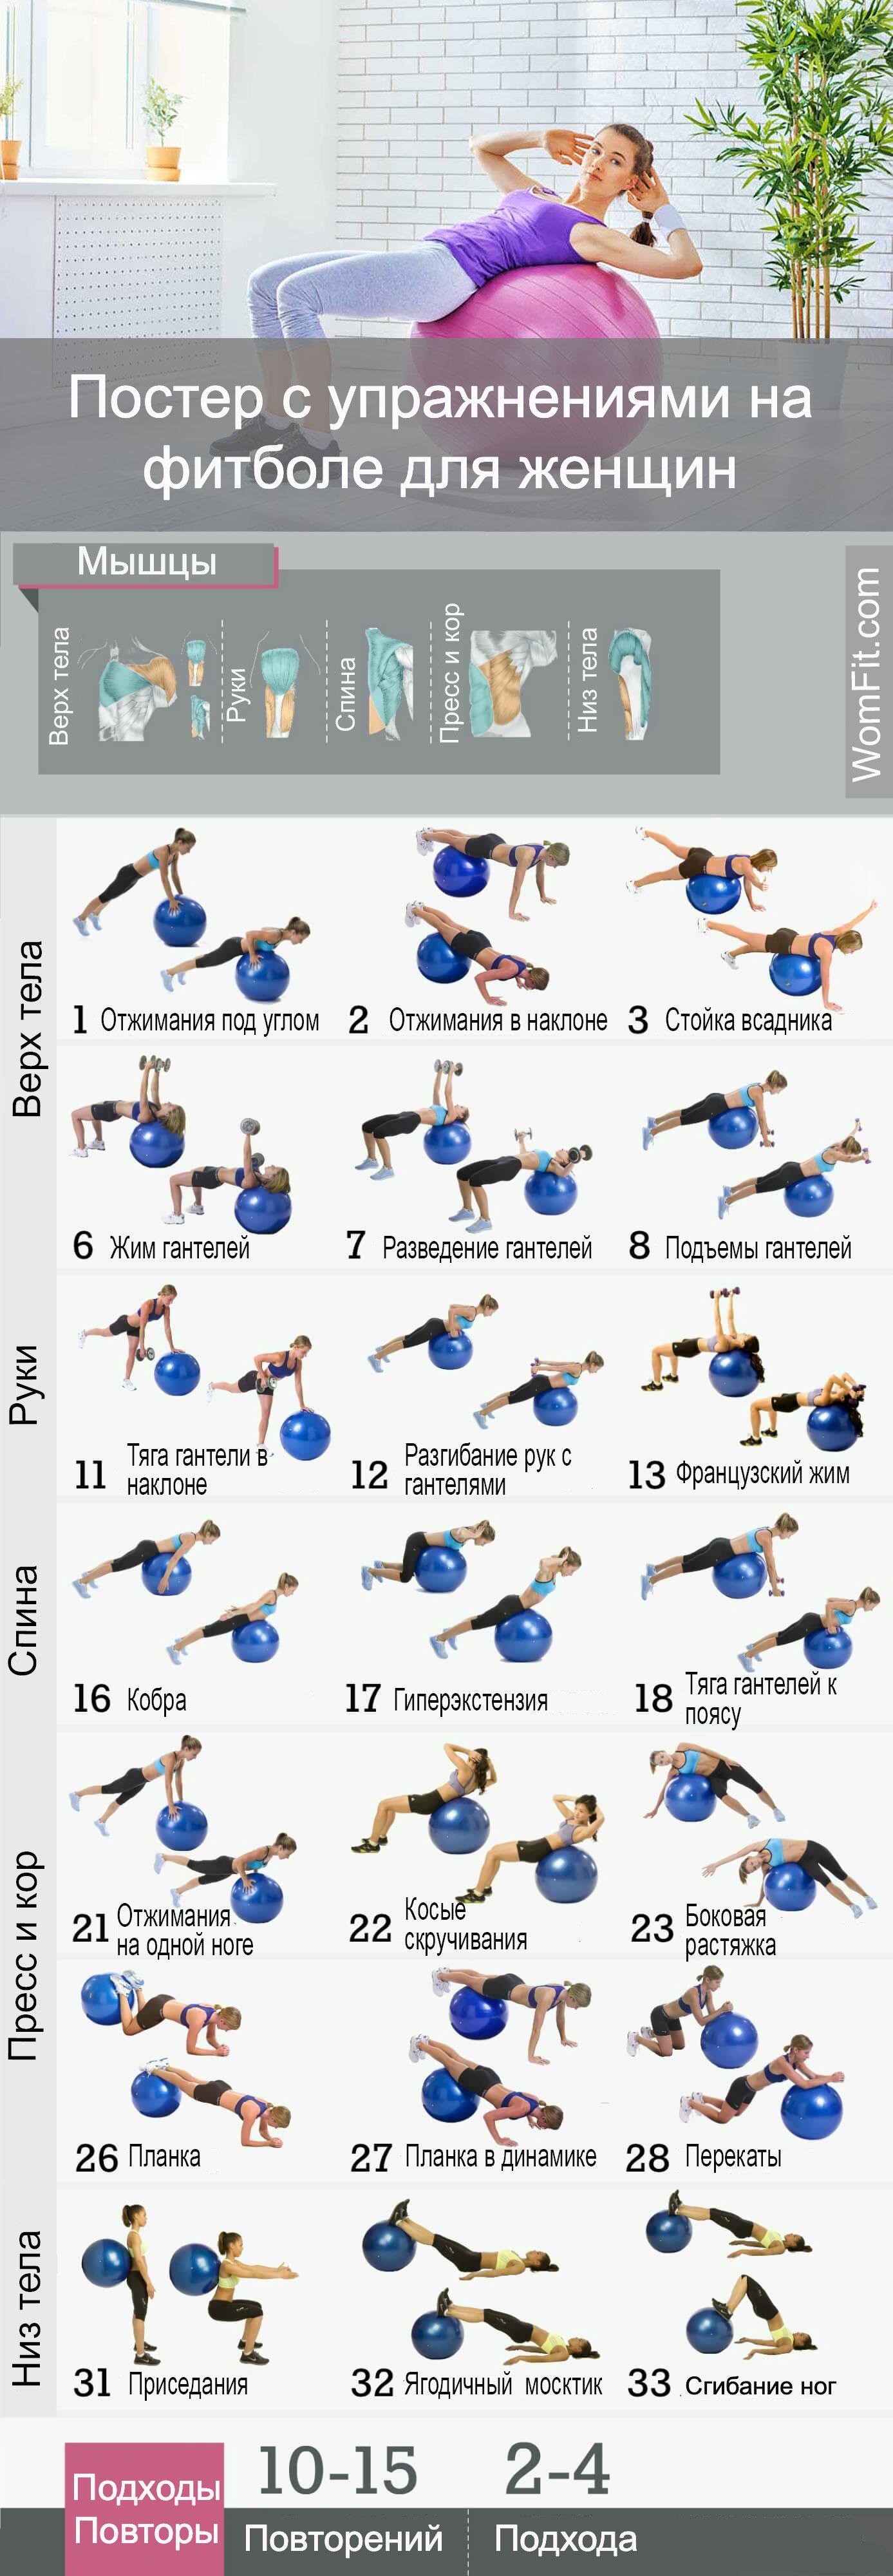 Варианты упражнений на фитболе